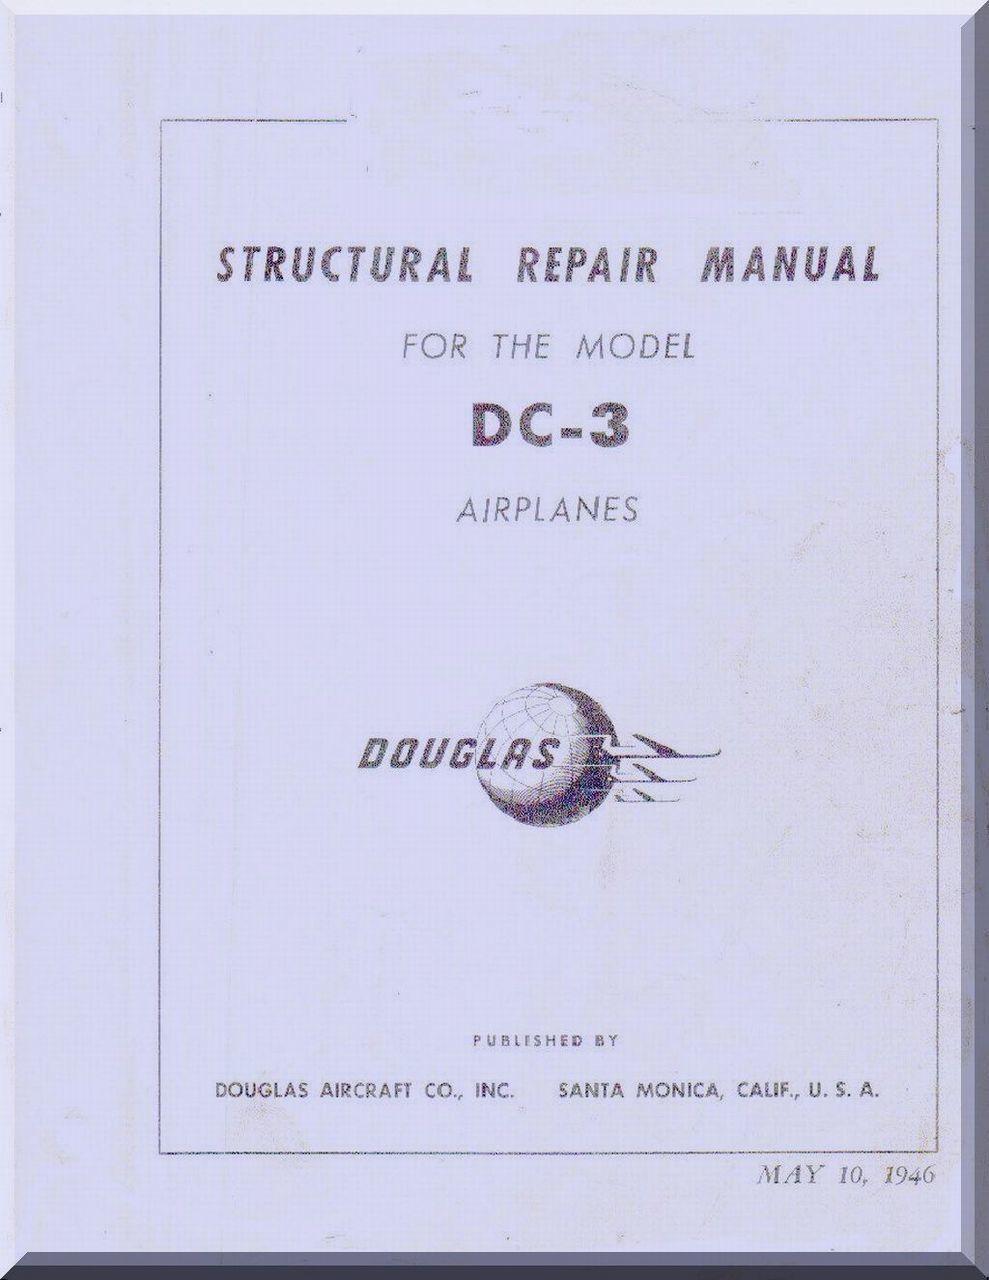 douglas dc 3 c aircraft structural repair manual 1946 repair rh pinterest com Structural Wood Repair Home Structural Repair